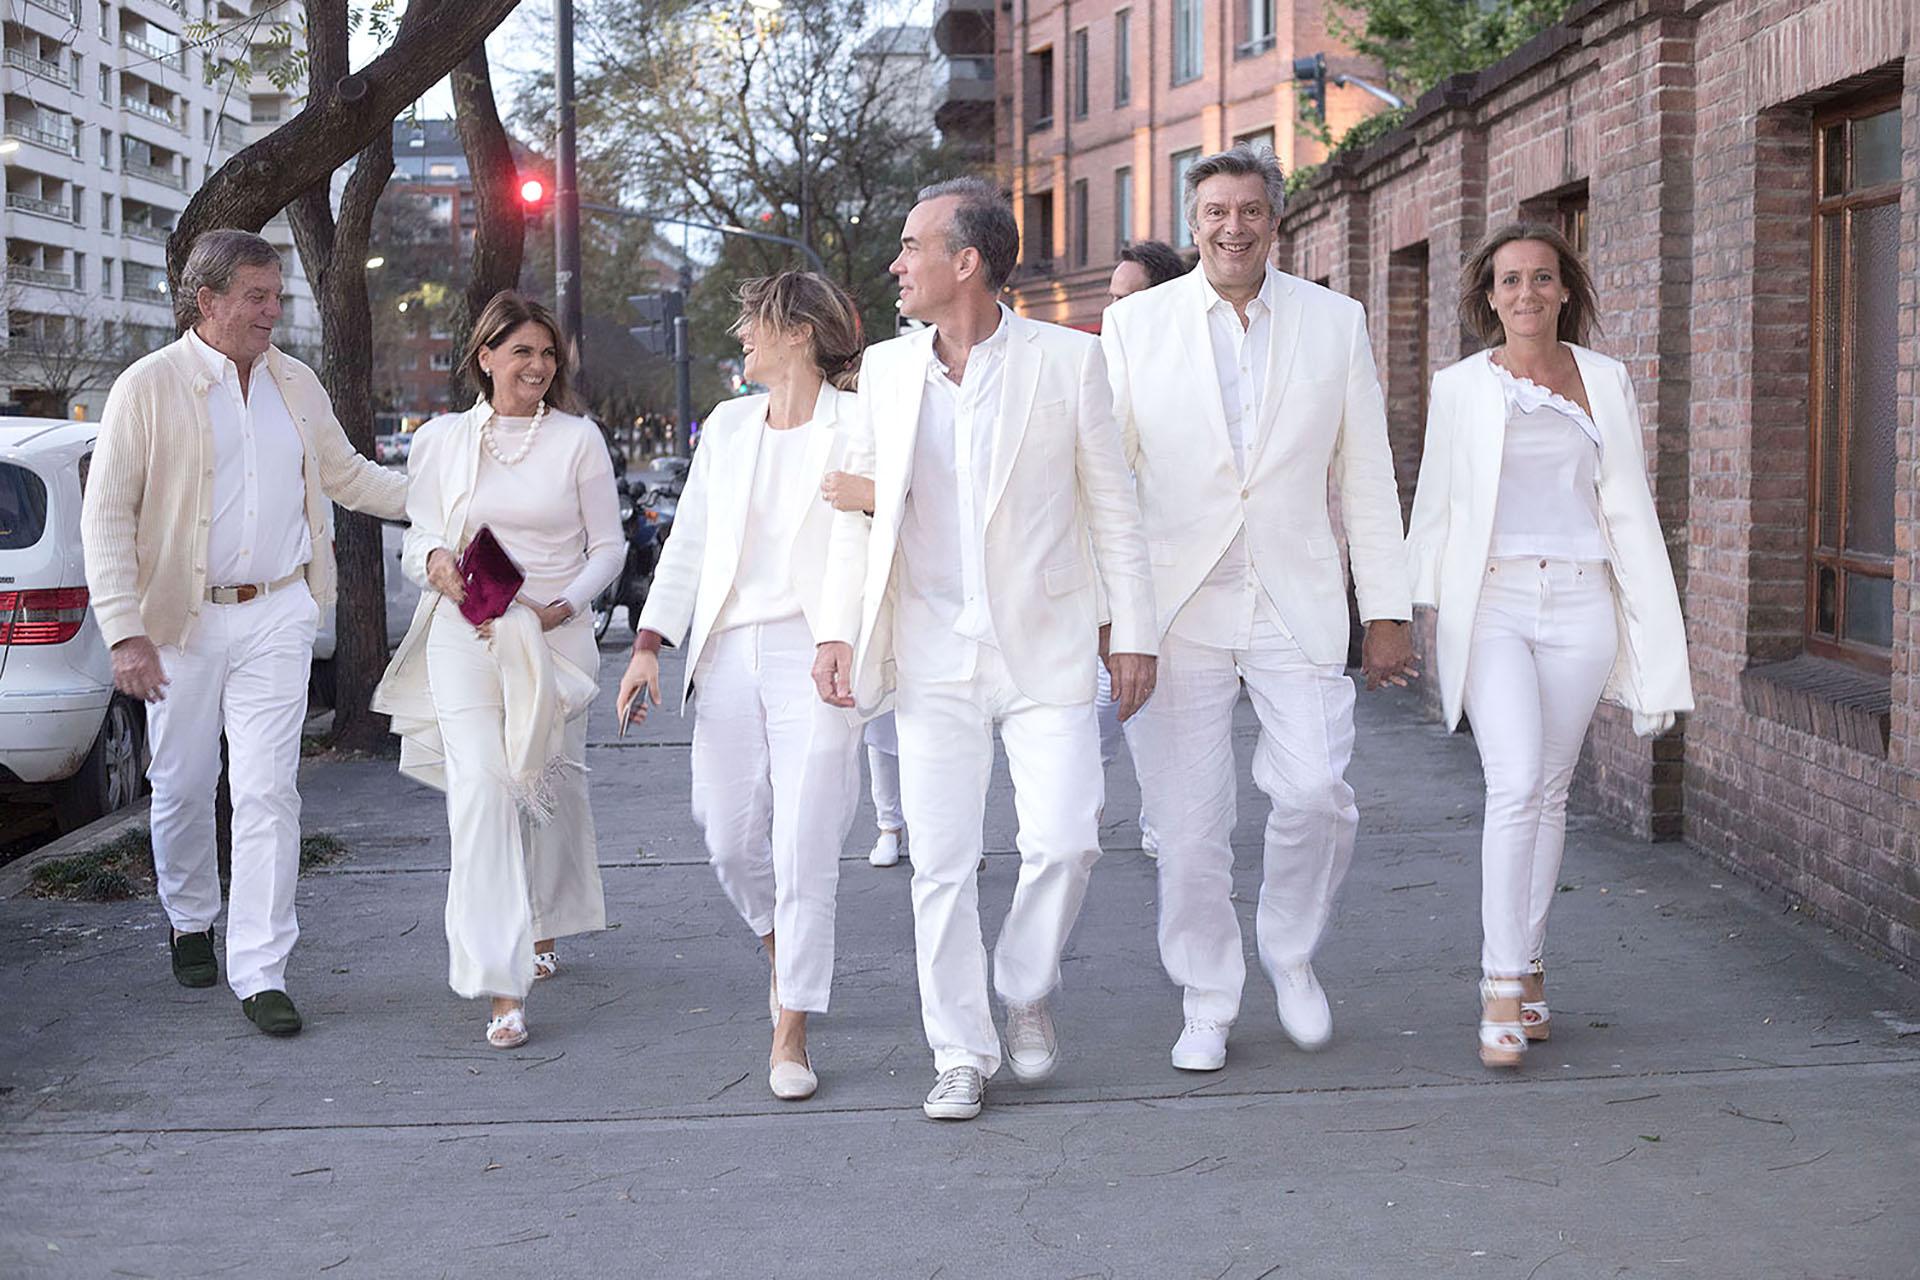 Gonzalo Bergadá, Teresa Calandra, María Freytes y su marido, y Mauricio Dalessandro y Mariana Gallego